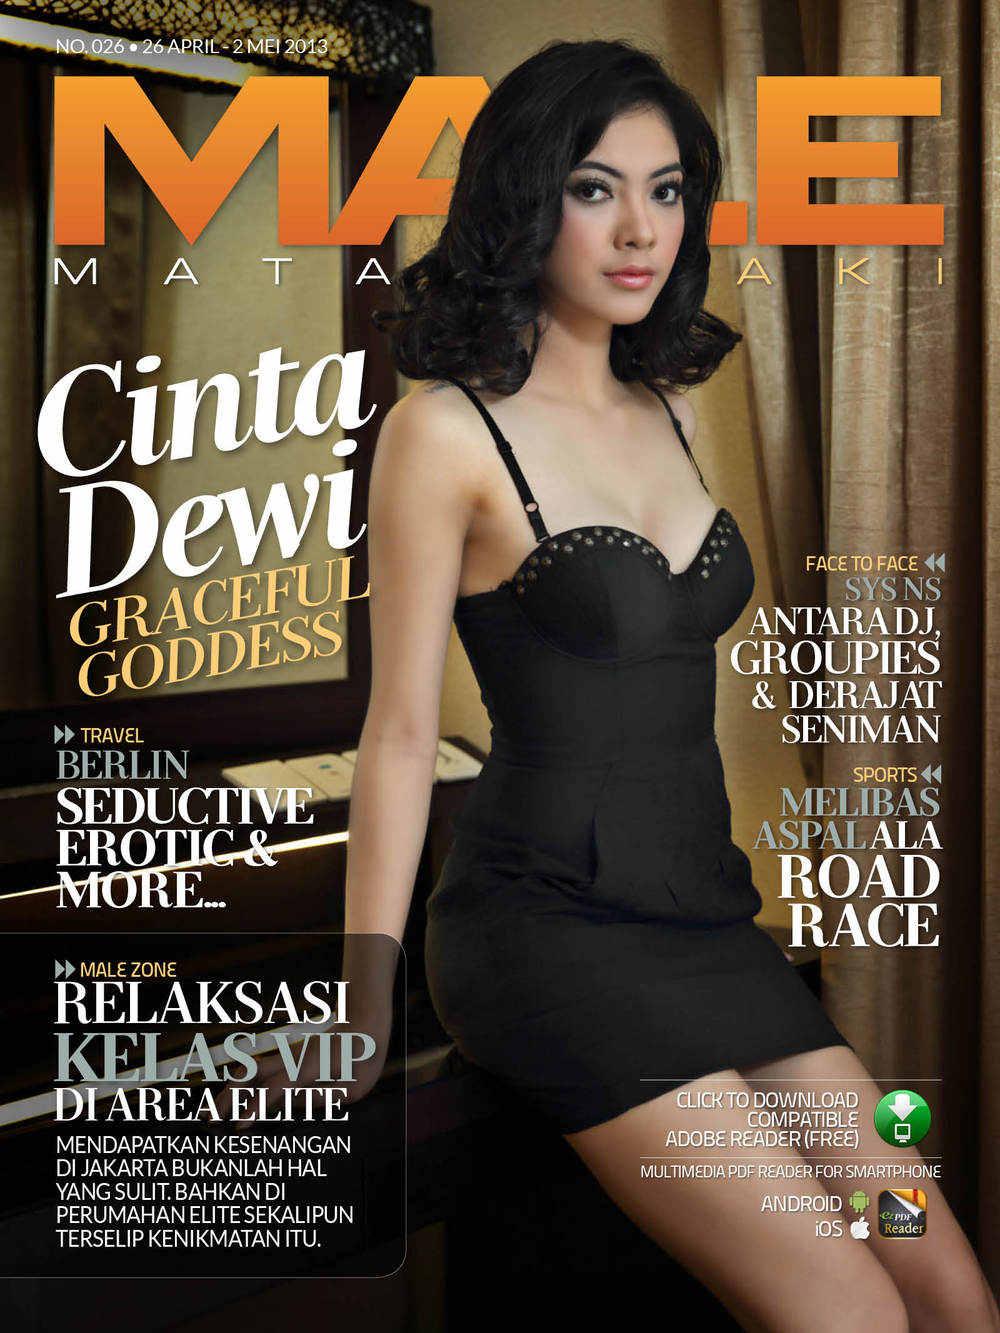 Foto Cinta Dewi di Majalah MALE Edisi 026 April 2013